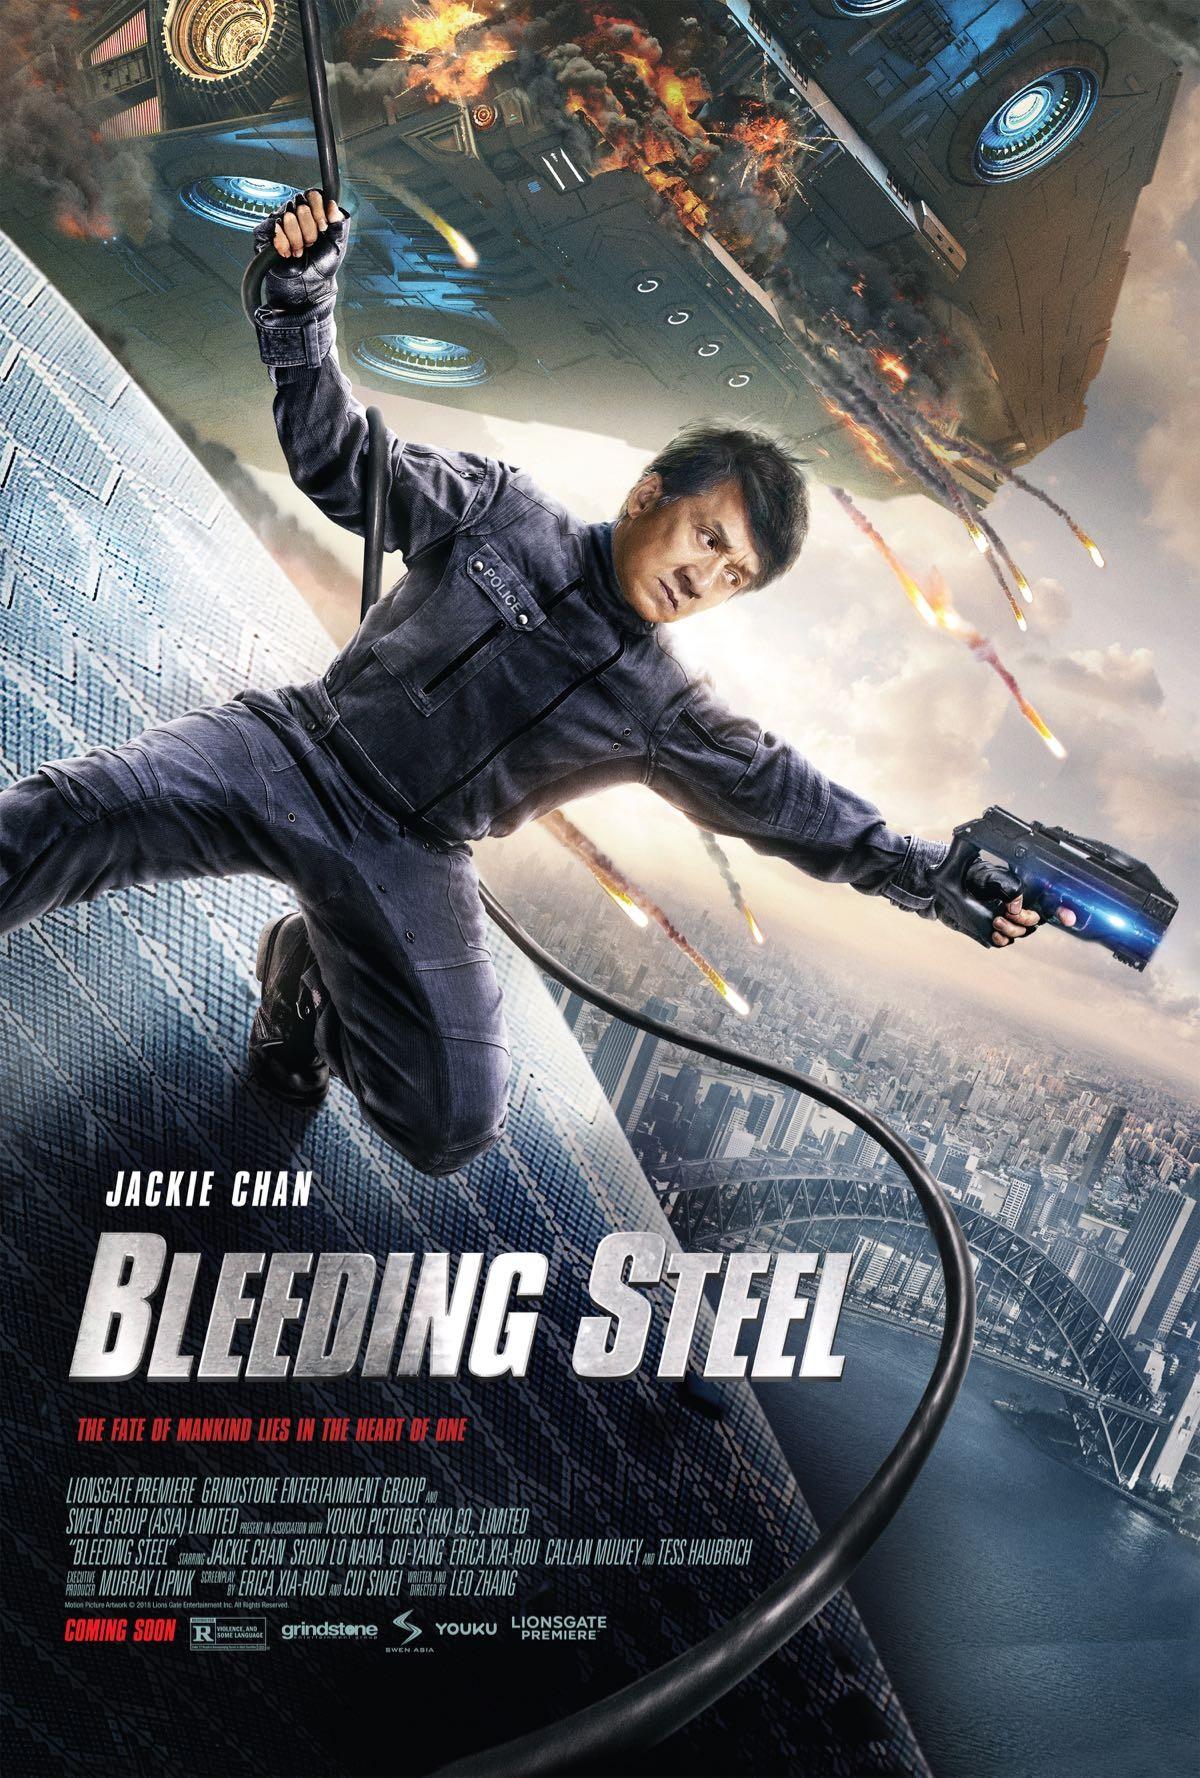 bleedingsteel_poster-1.jpg